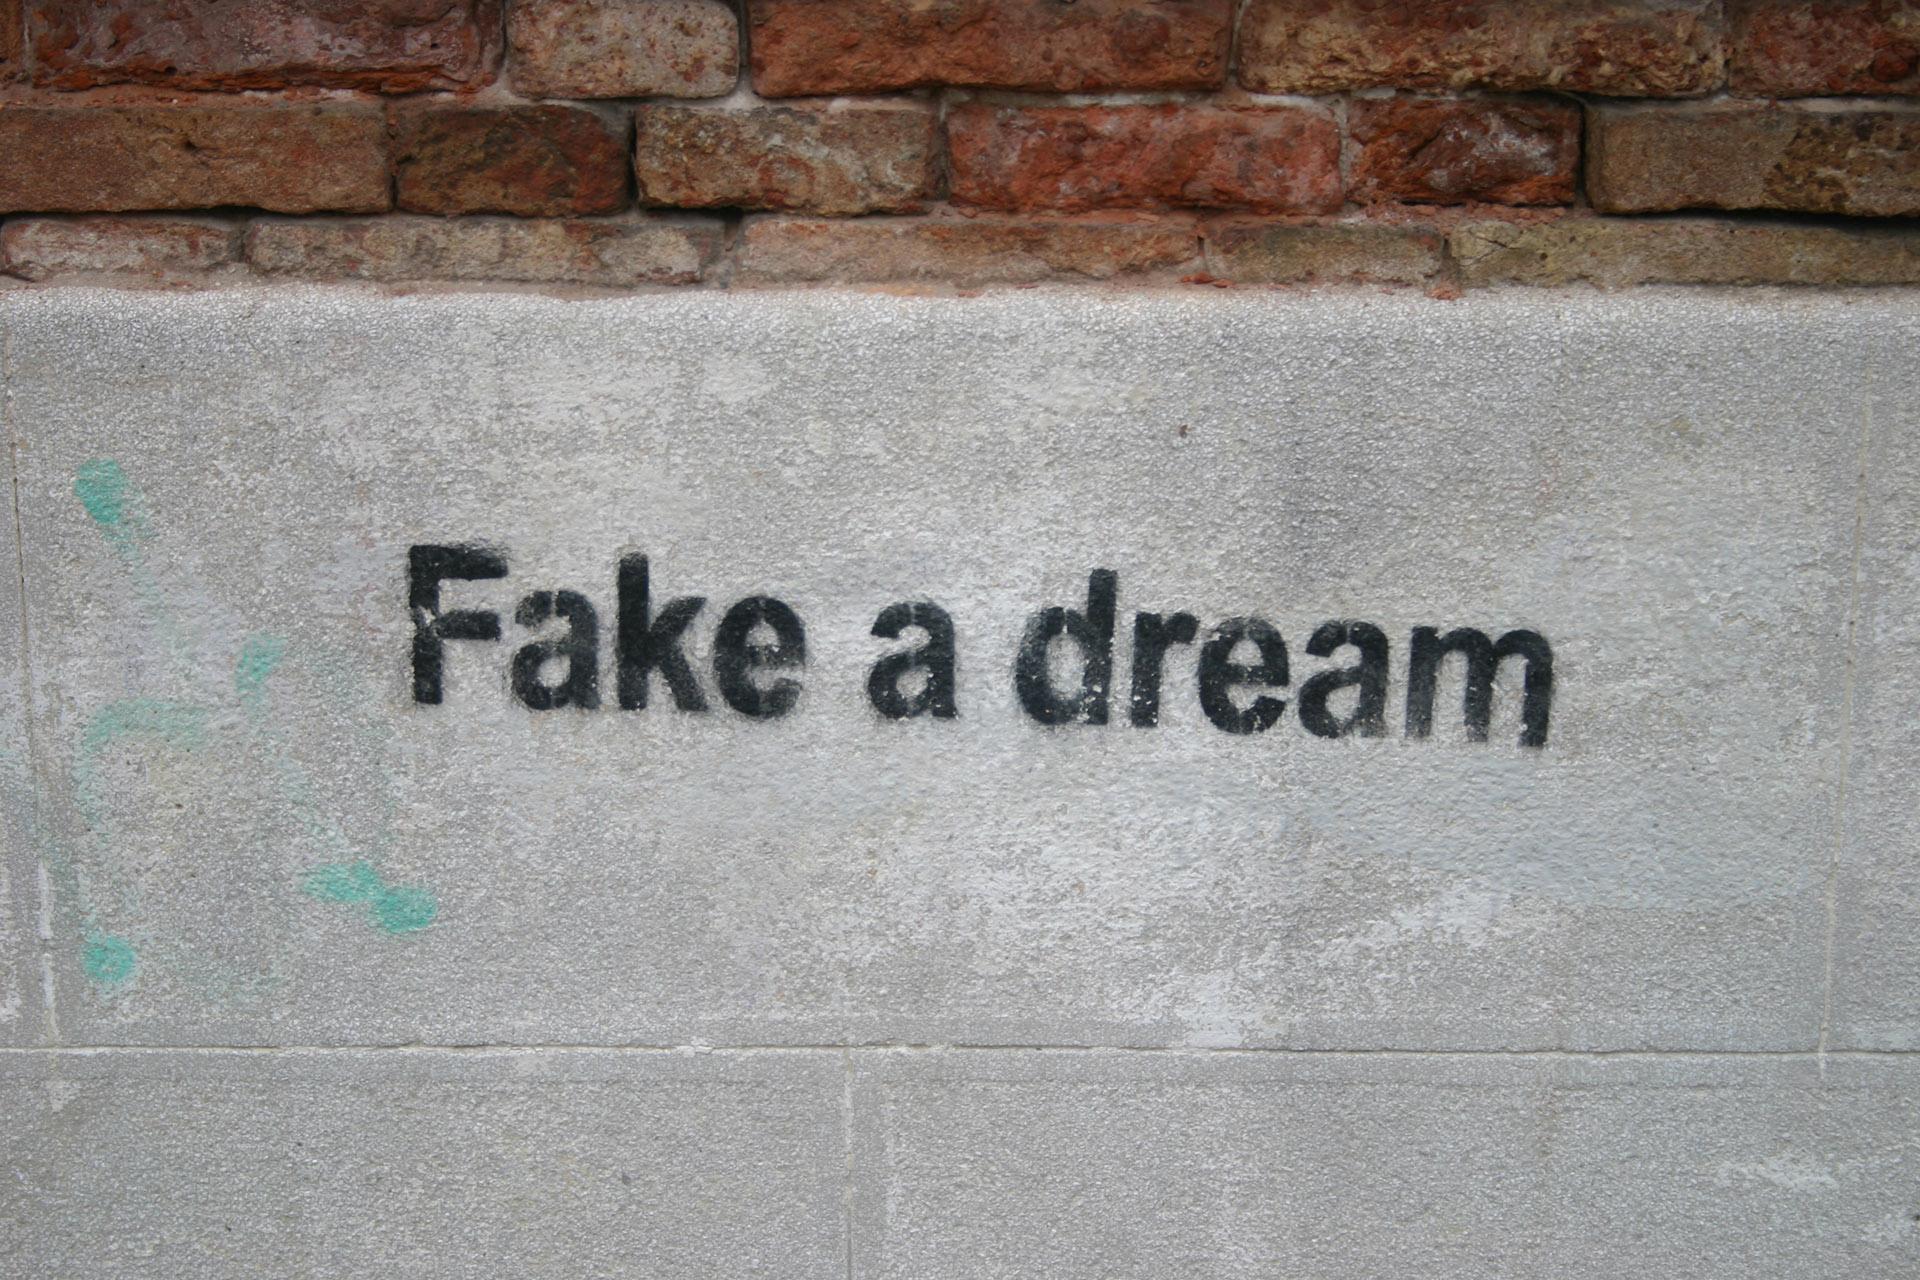 Venice_Fake_Dream_IMG_6908_sm